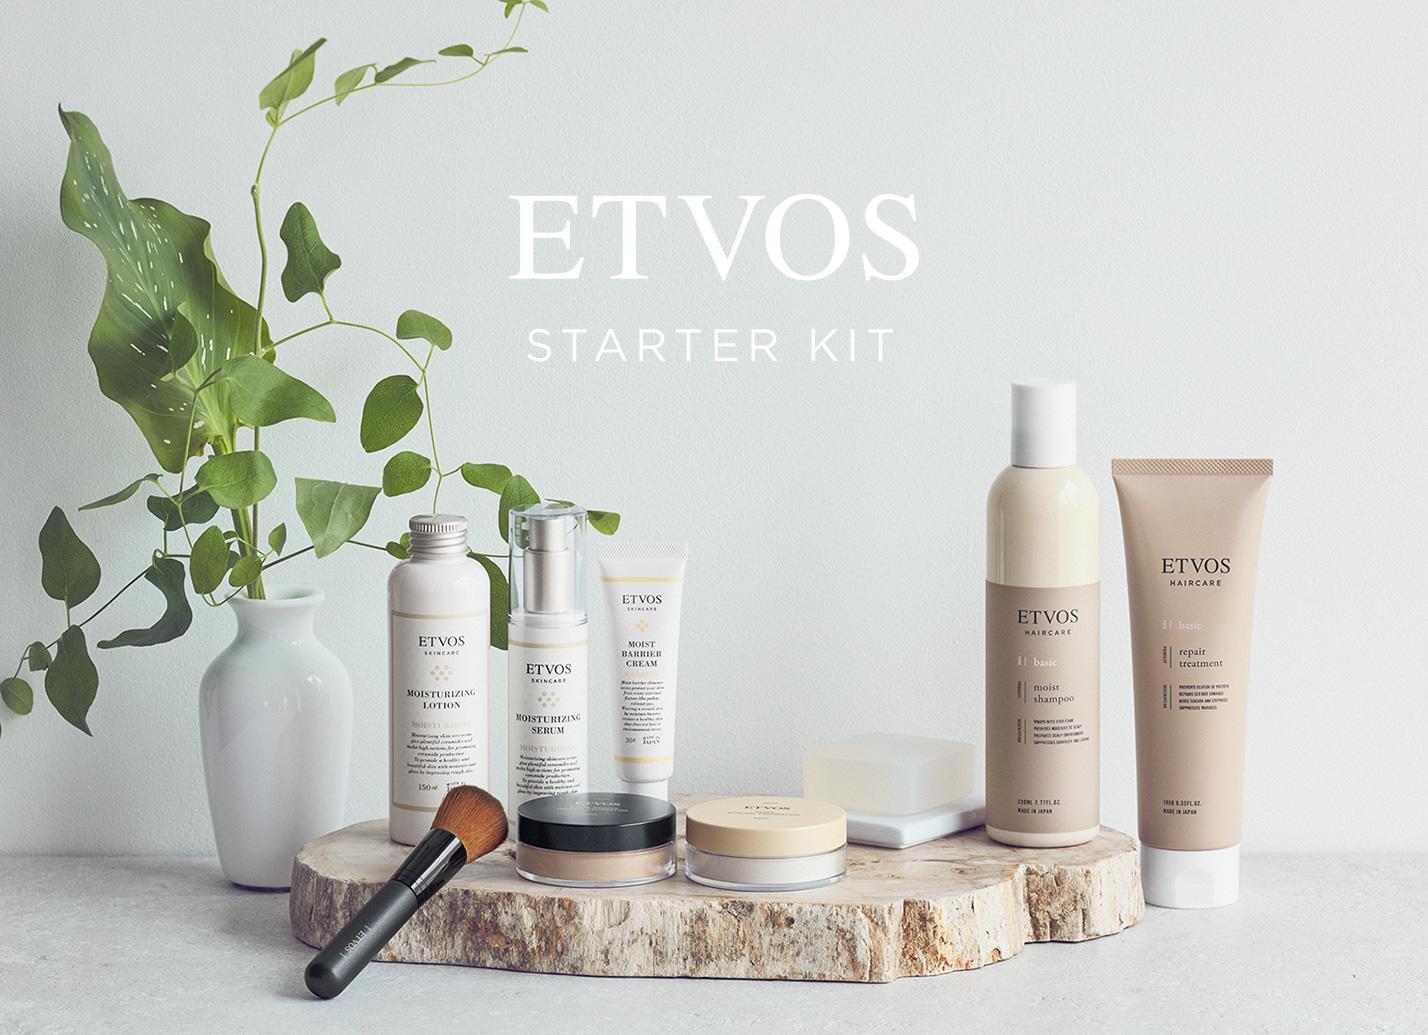 ETVOS STARTER KIT